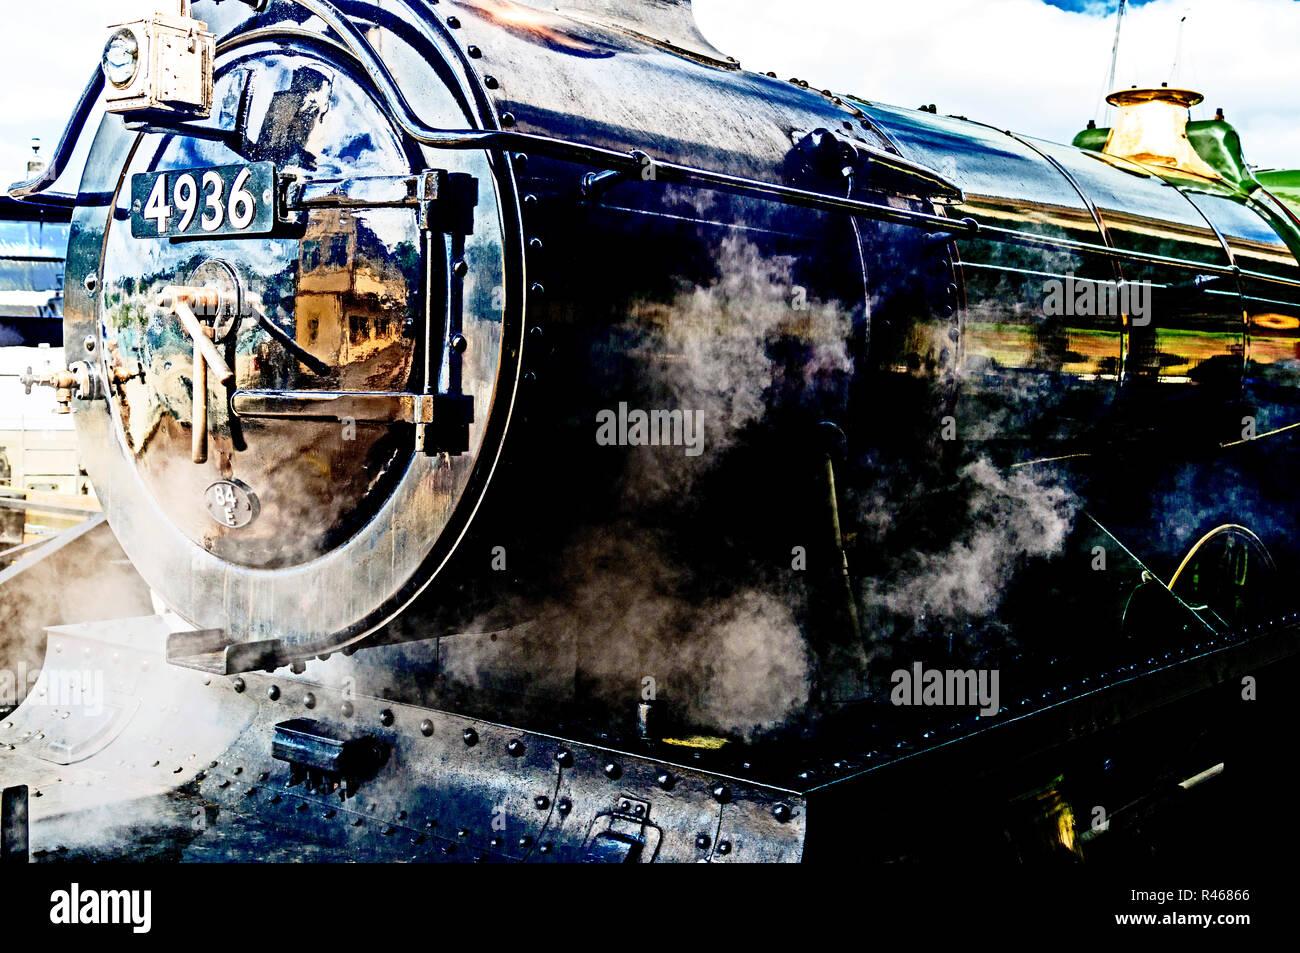 Alte englische Lokomotive - GWR 4900 Class No. 4936 'Kinlet Hall'; Steam locomotive in Kingswear - Dartmouth steam railway - Stock Image